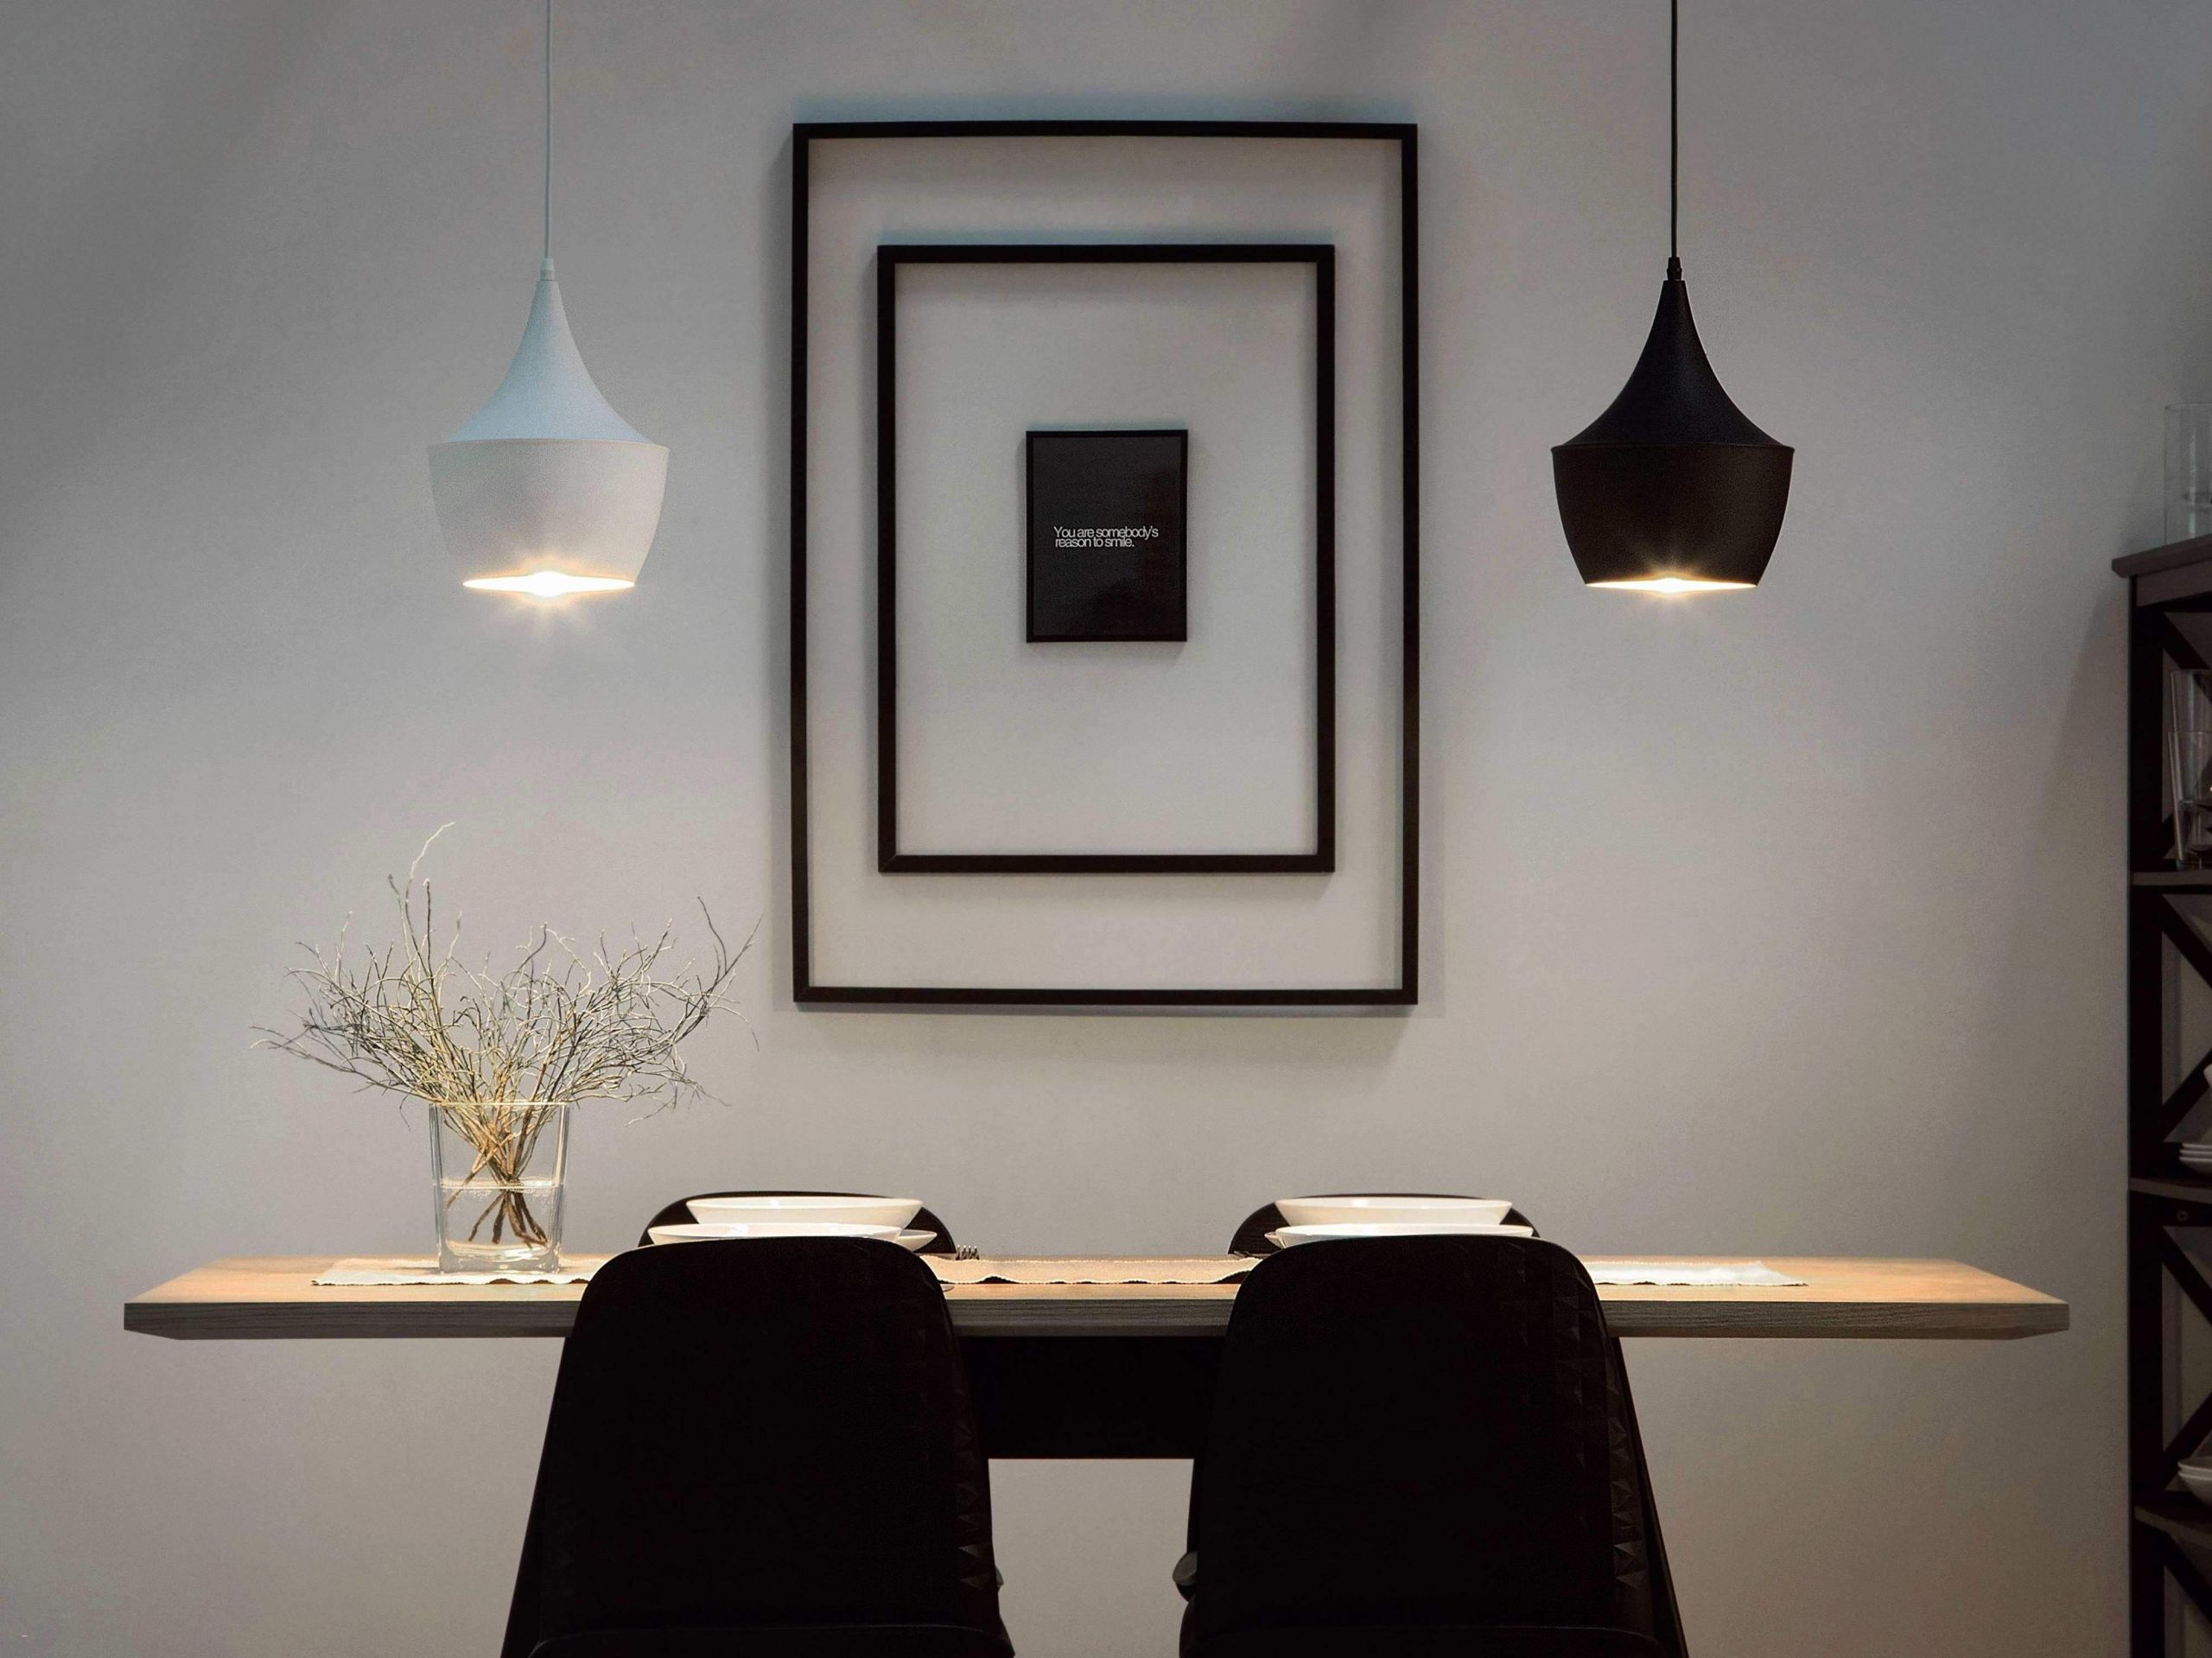 Full Size of Wohnzimmer Leuchte Selber Bauen Indirekte Beleuchtung Led Lampe Holz Tapeten Ideen Teppich Wandlampe Bad Hängeleuchte Deko Stehlampe Bett 140x200 Badezimmer Wohnzimmer Wohnzimmer Lampe Selber Bauen